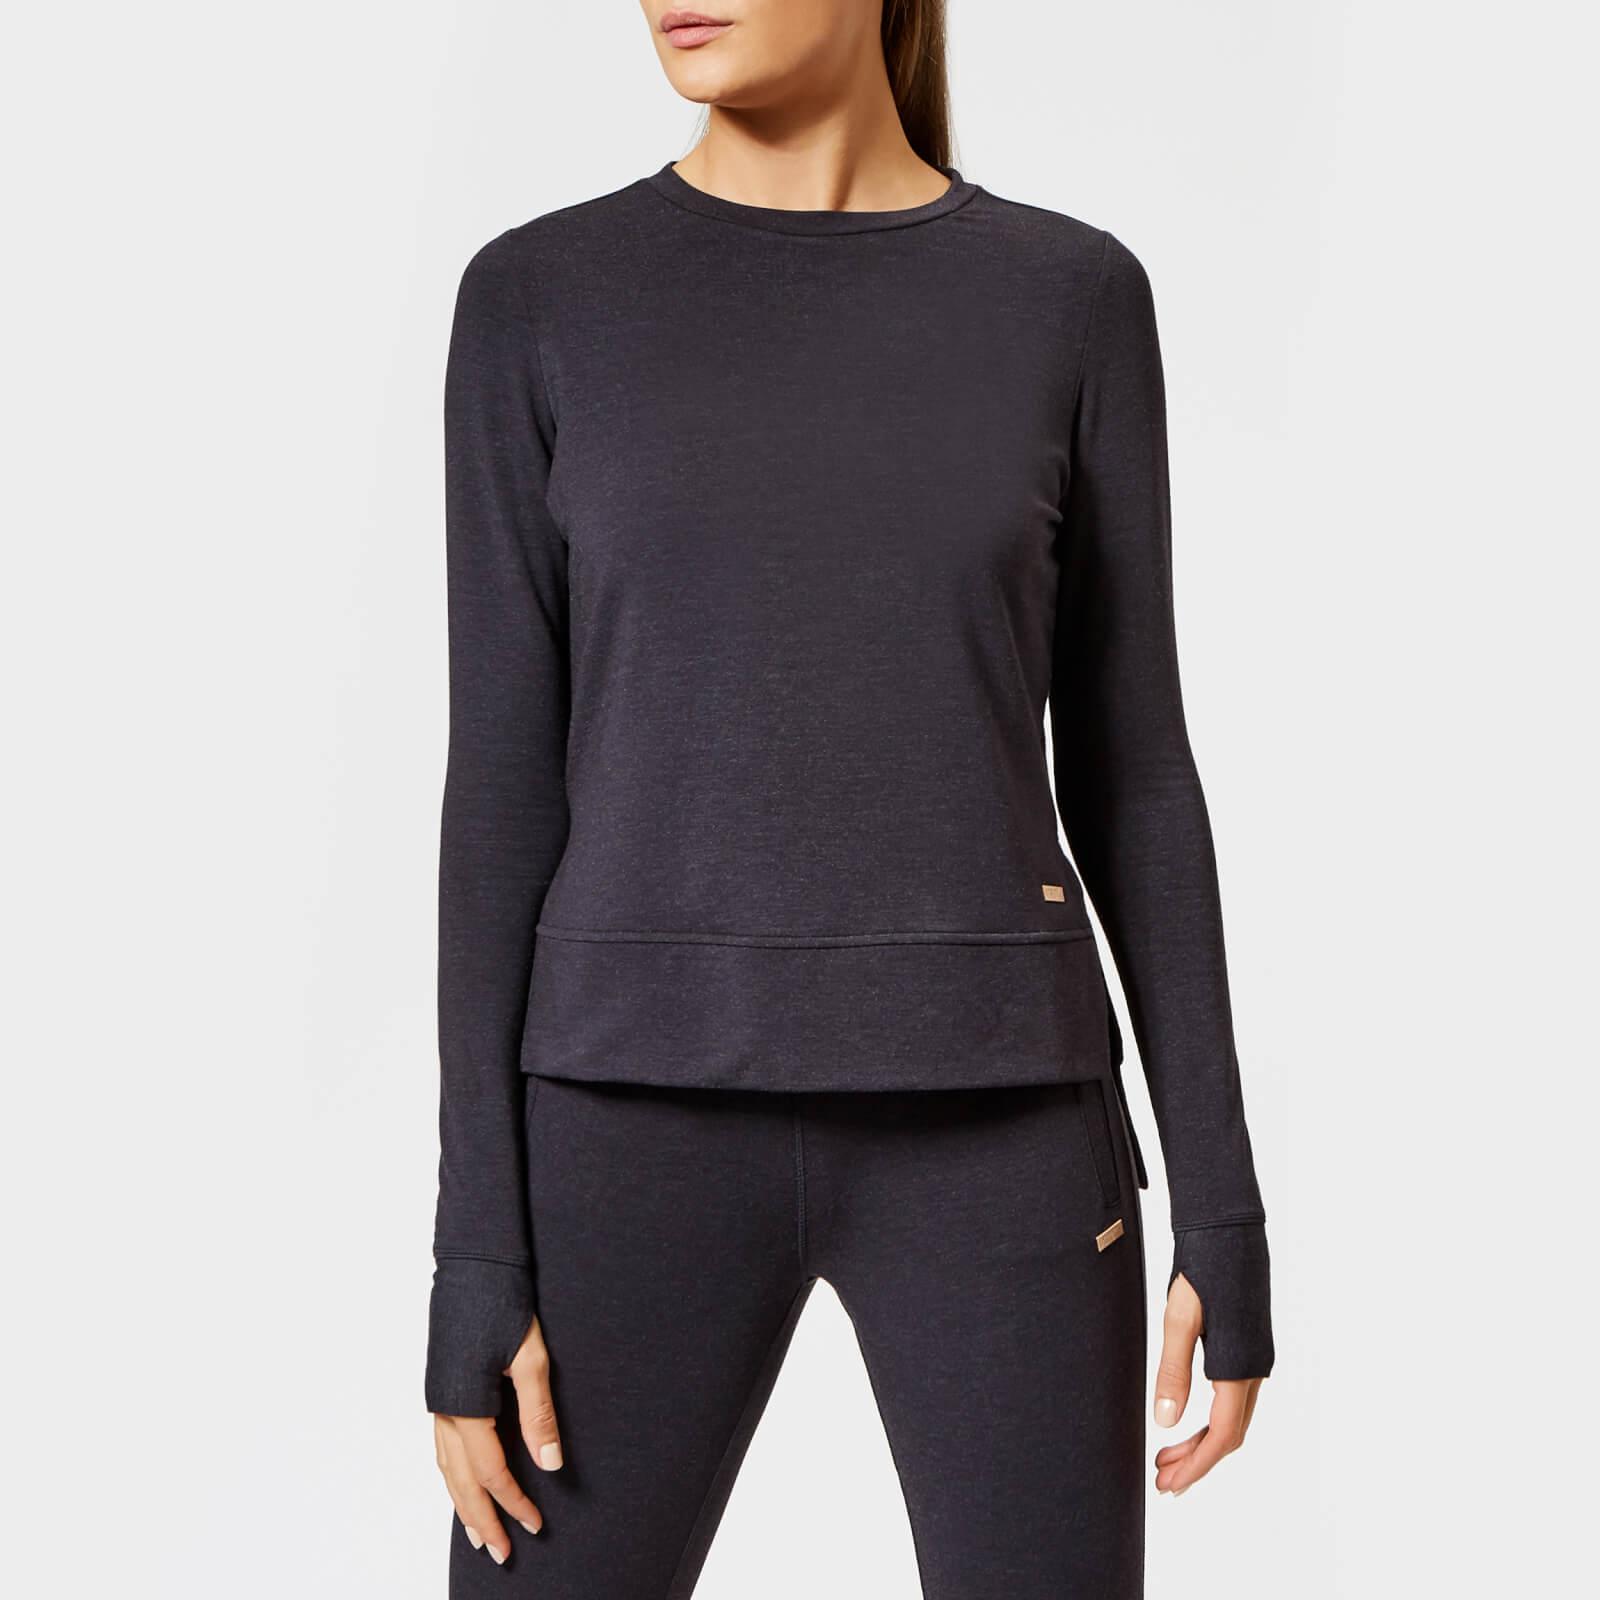 Superdry Sport Women's Active Studio Luxe Crew Neck Sweatshirt - Black Marl - UK 6 - Black